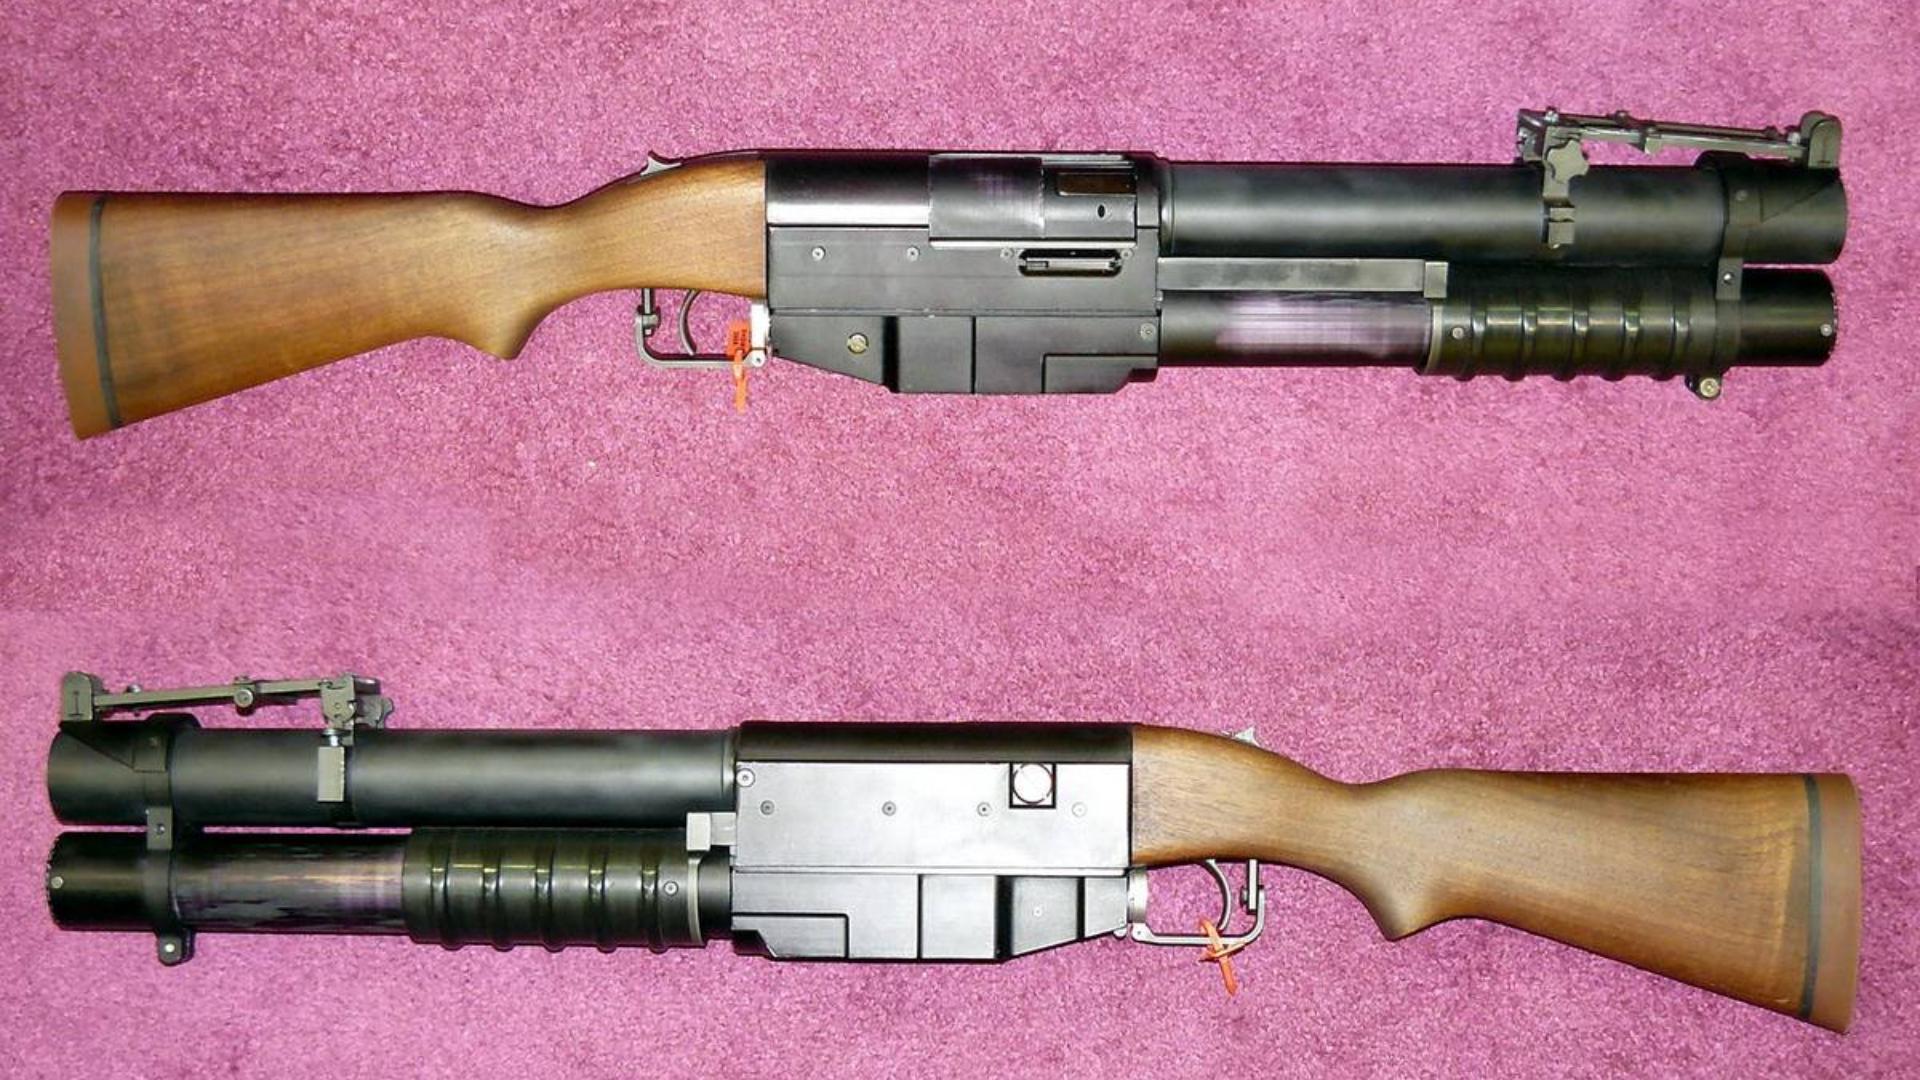 【讲堂519期】著名的中国湖榴弹发射器,没想到是美军为越南战争研发的